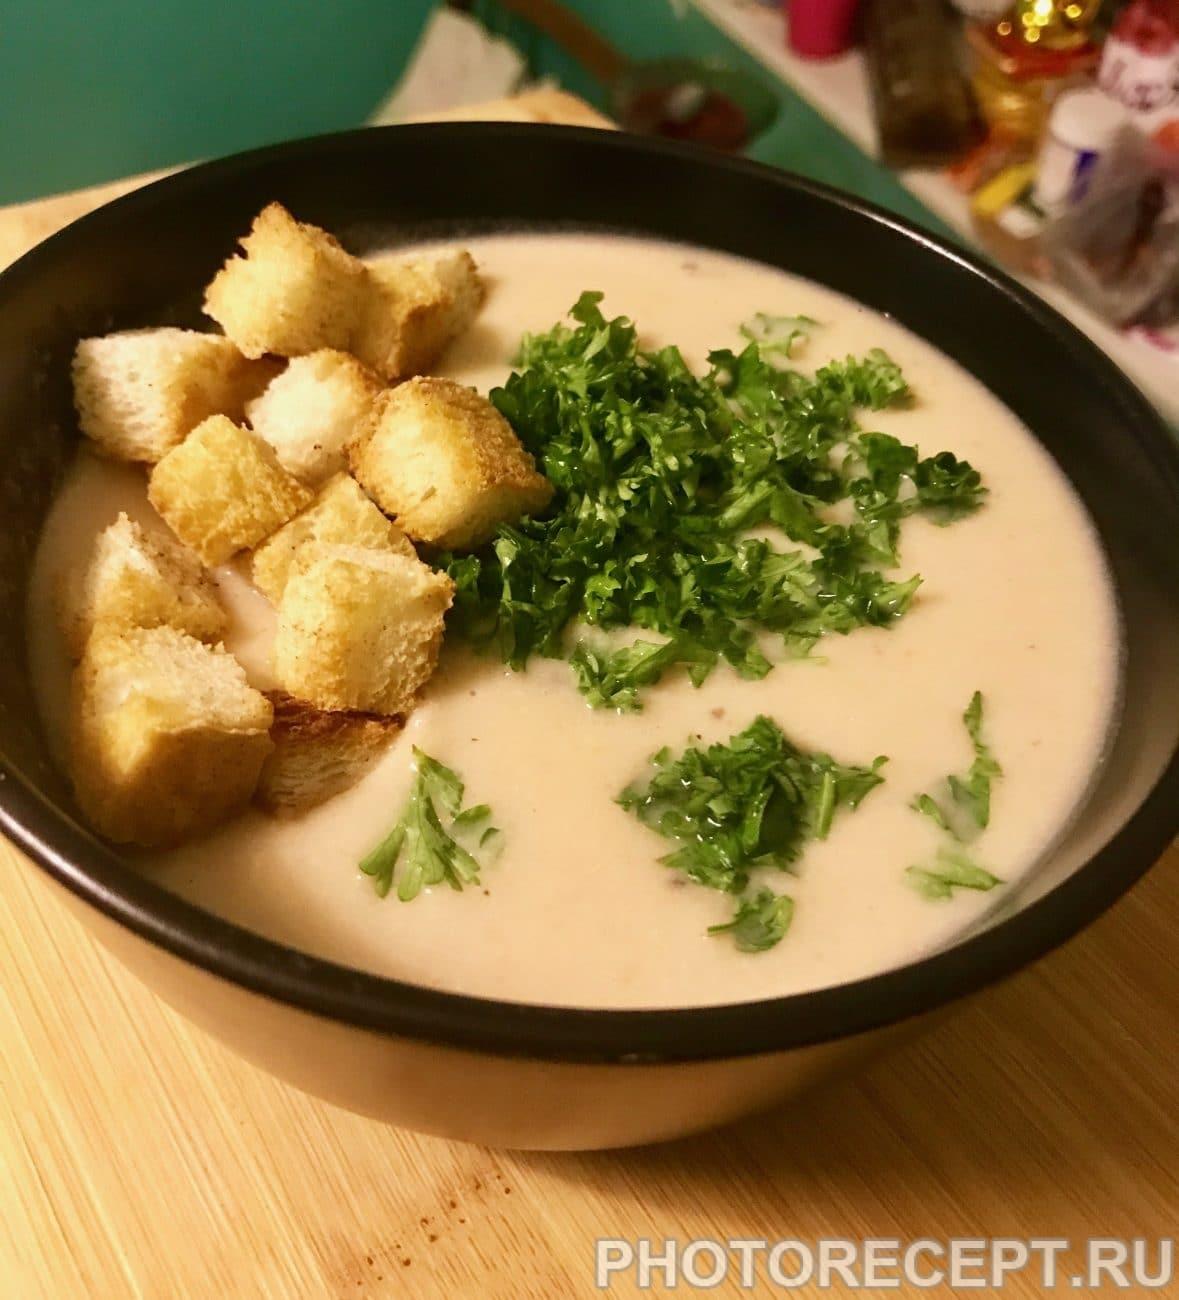 Рецепт галушек с картошкой